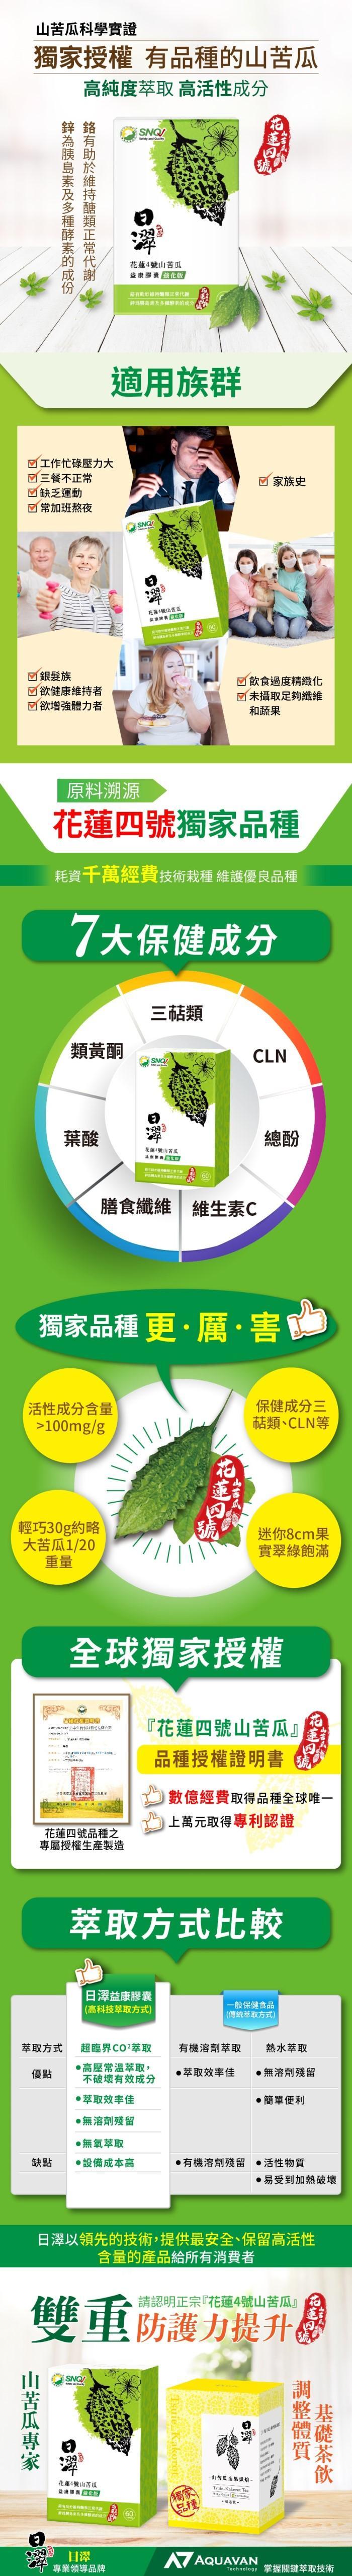 日濢-花蓮4號山苦瓜益康膠囊 強化版(60顆)產品資訊